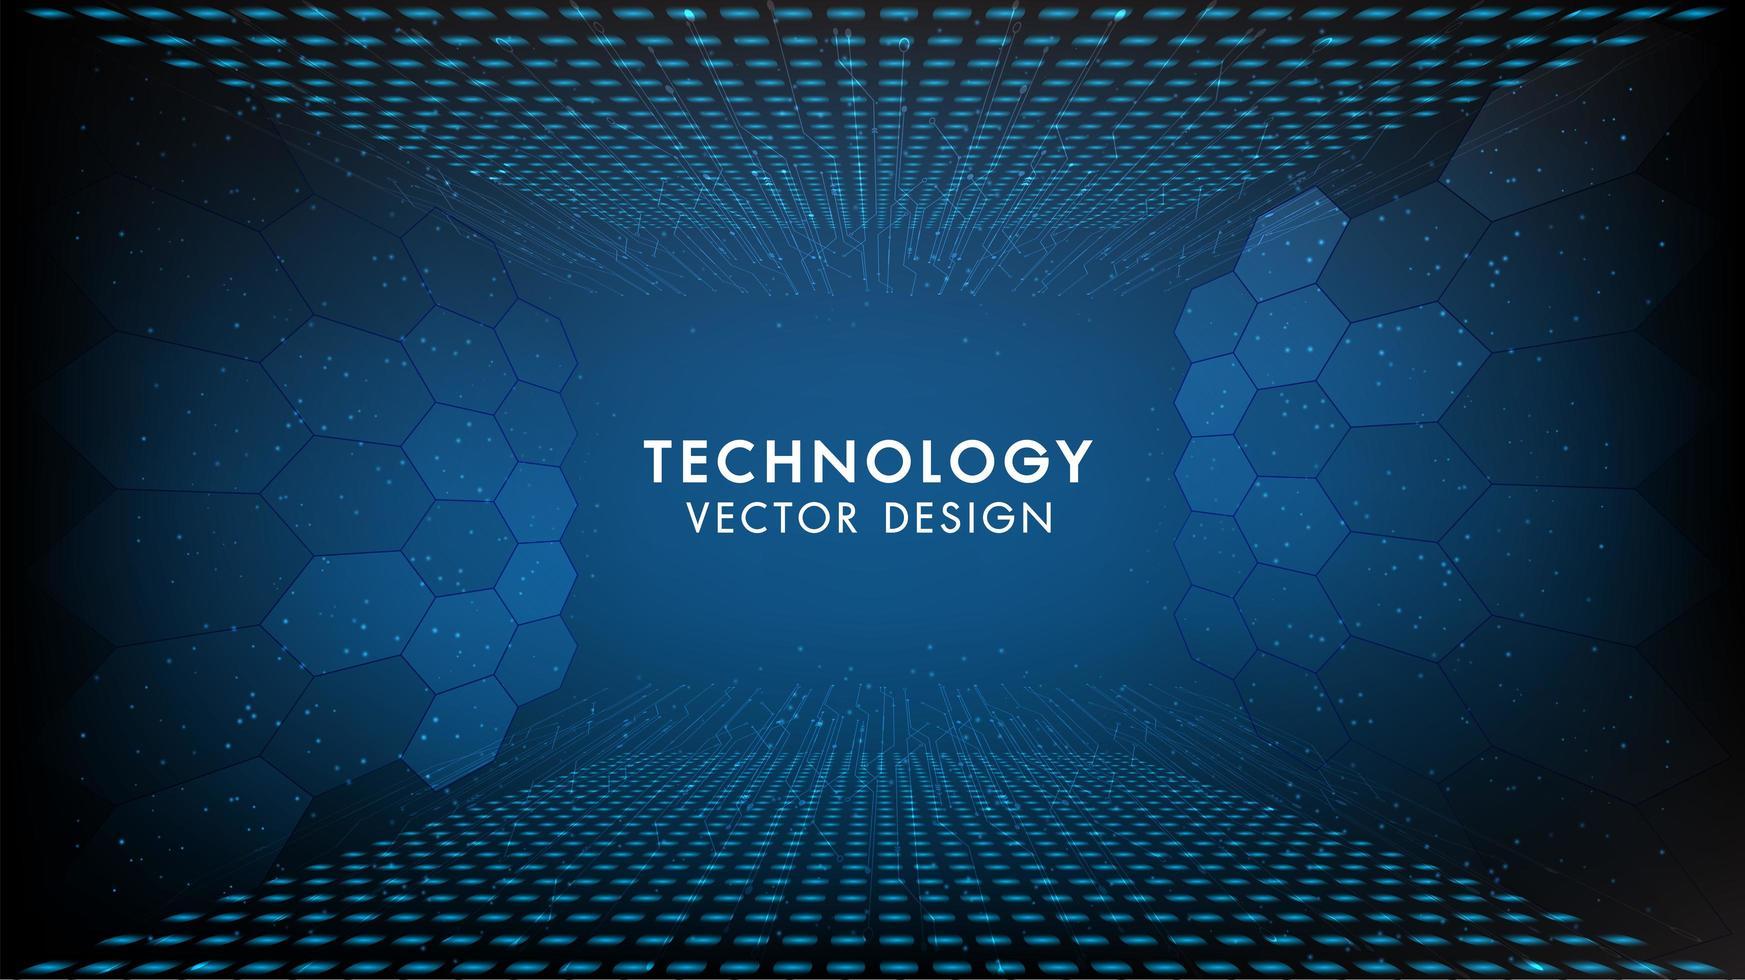 blauer Technologiehintergrund mit Exagon-Muster vektor